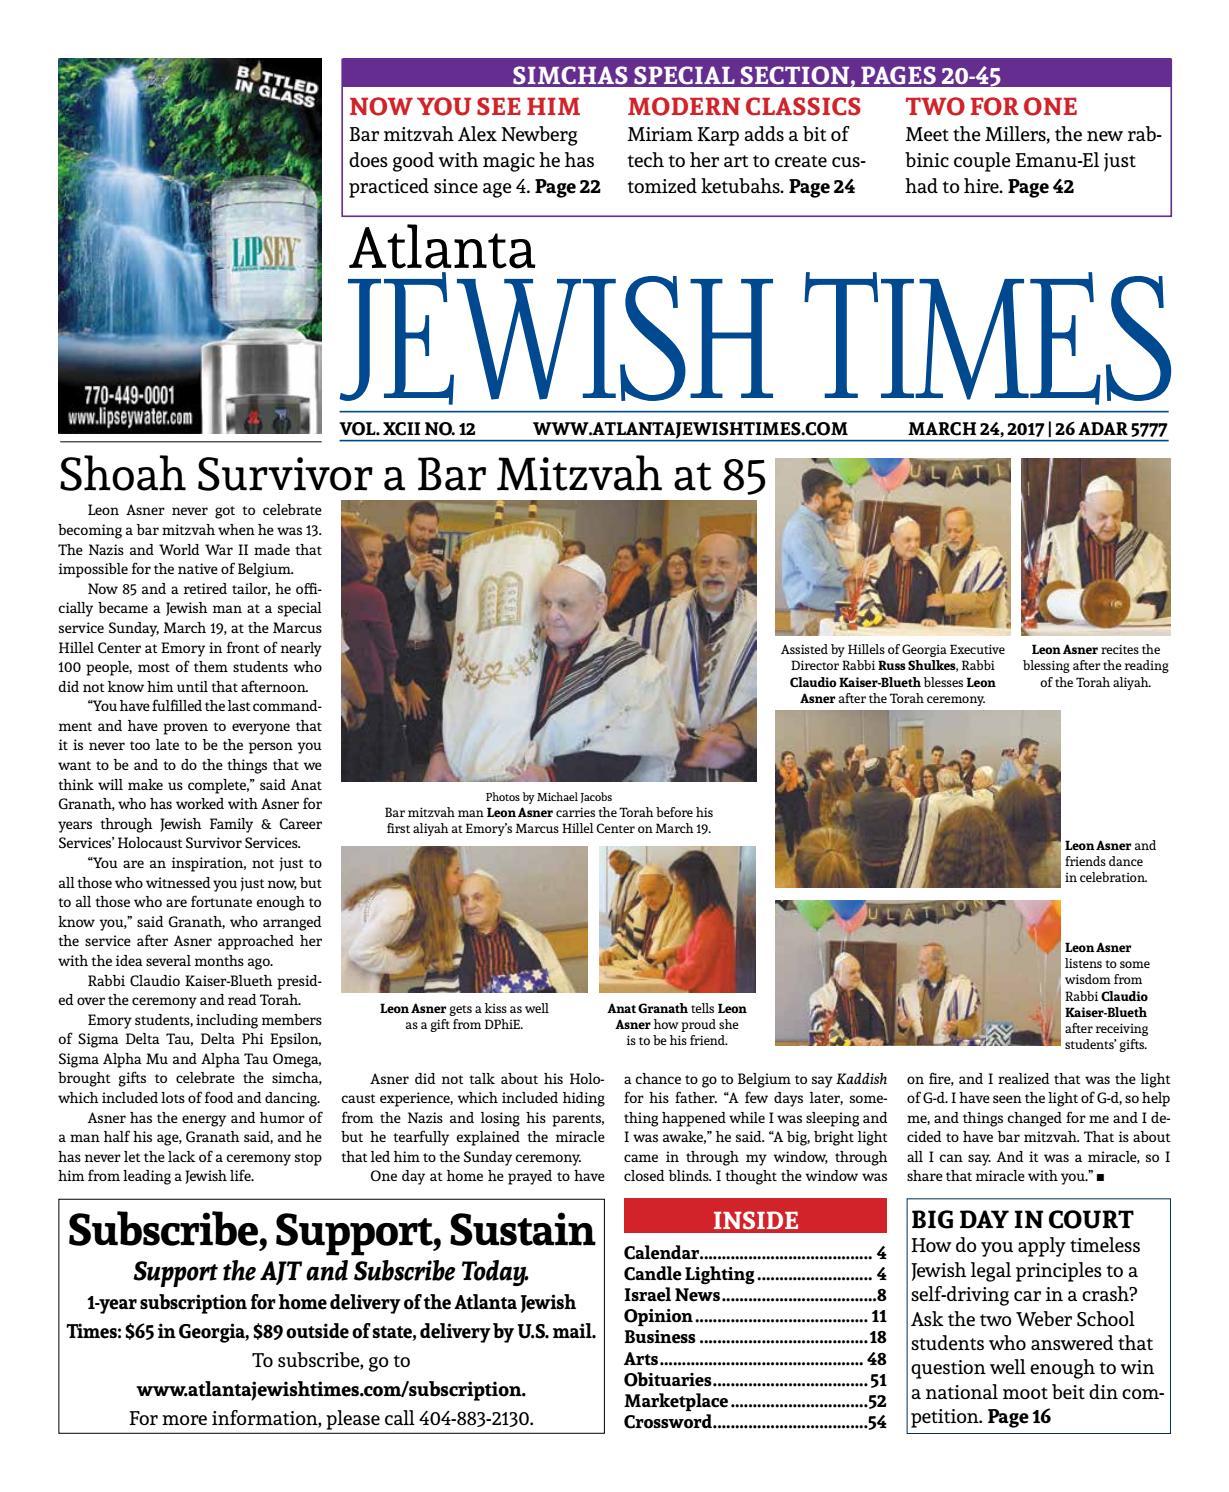 Atlanta Jewish Times, Vol  XCII No  12, March 24, 2017 by